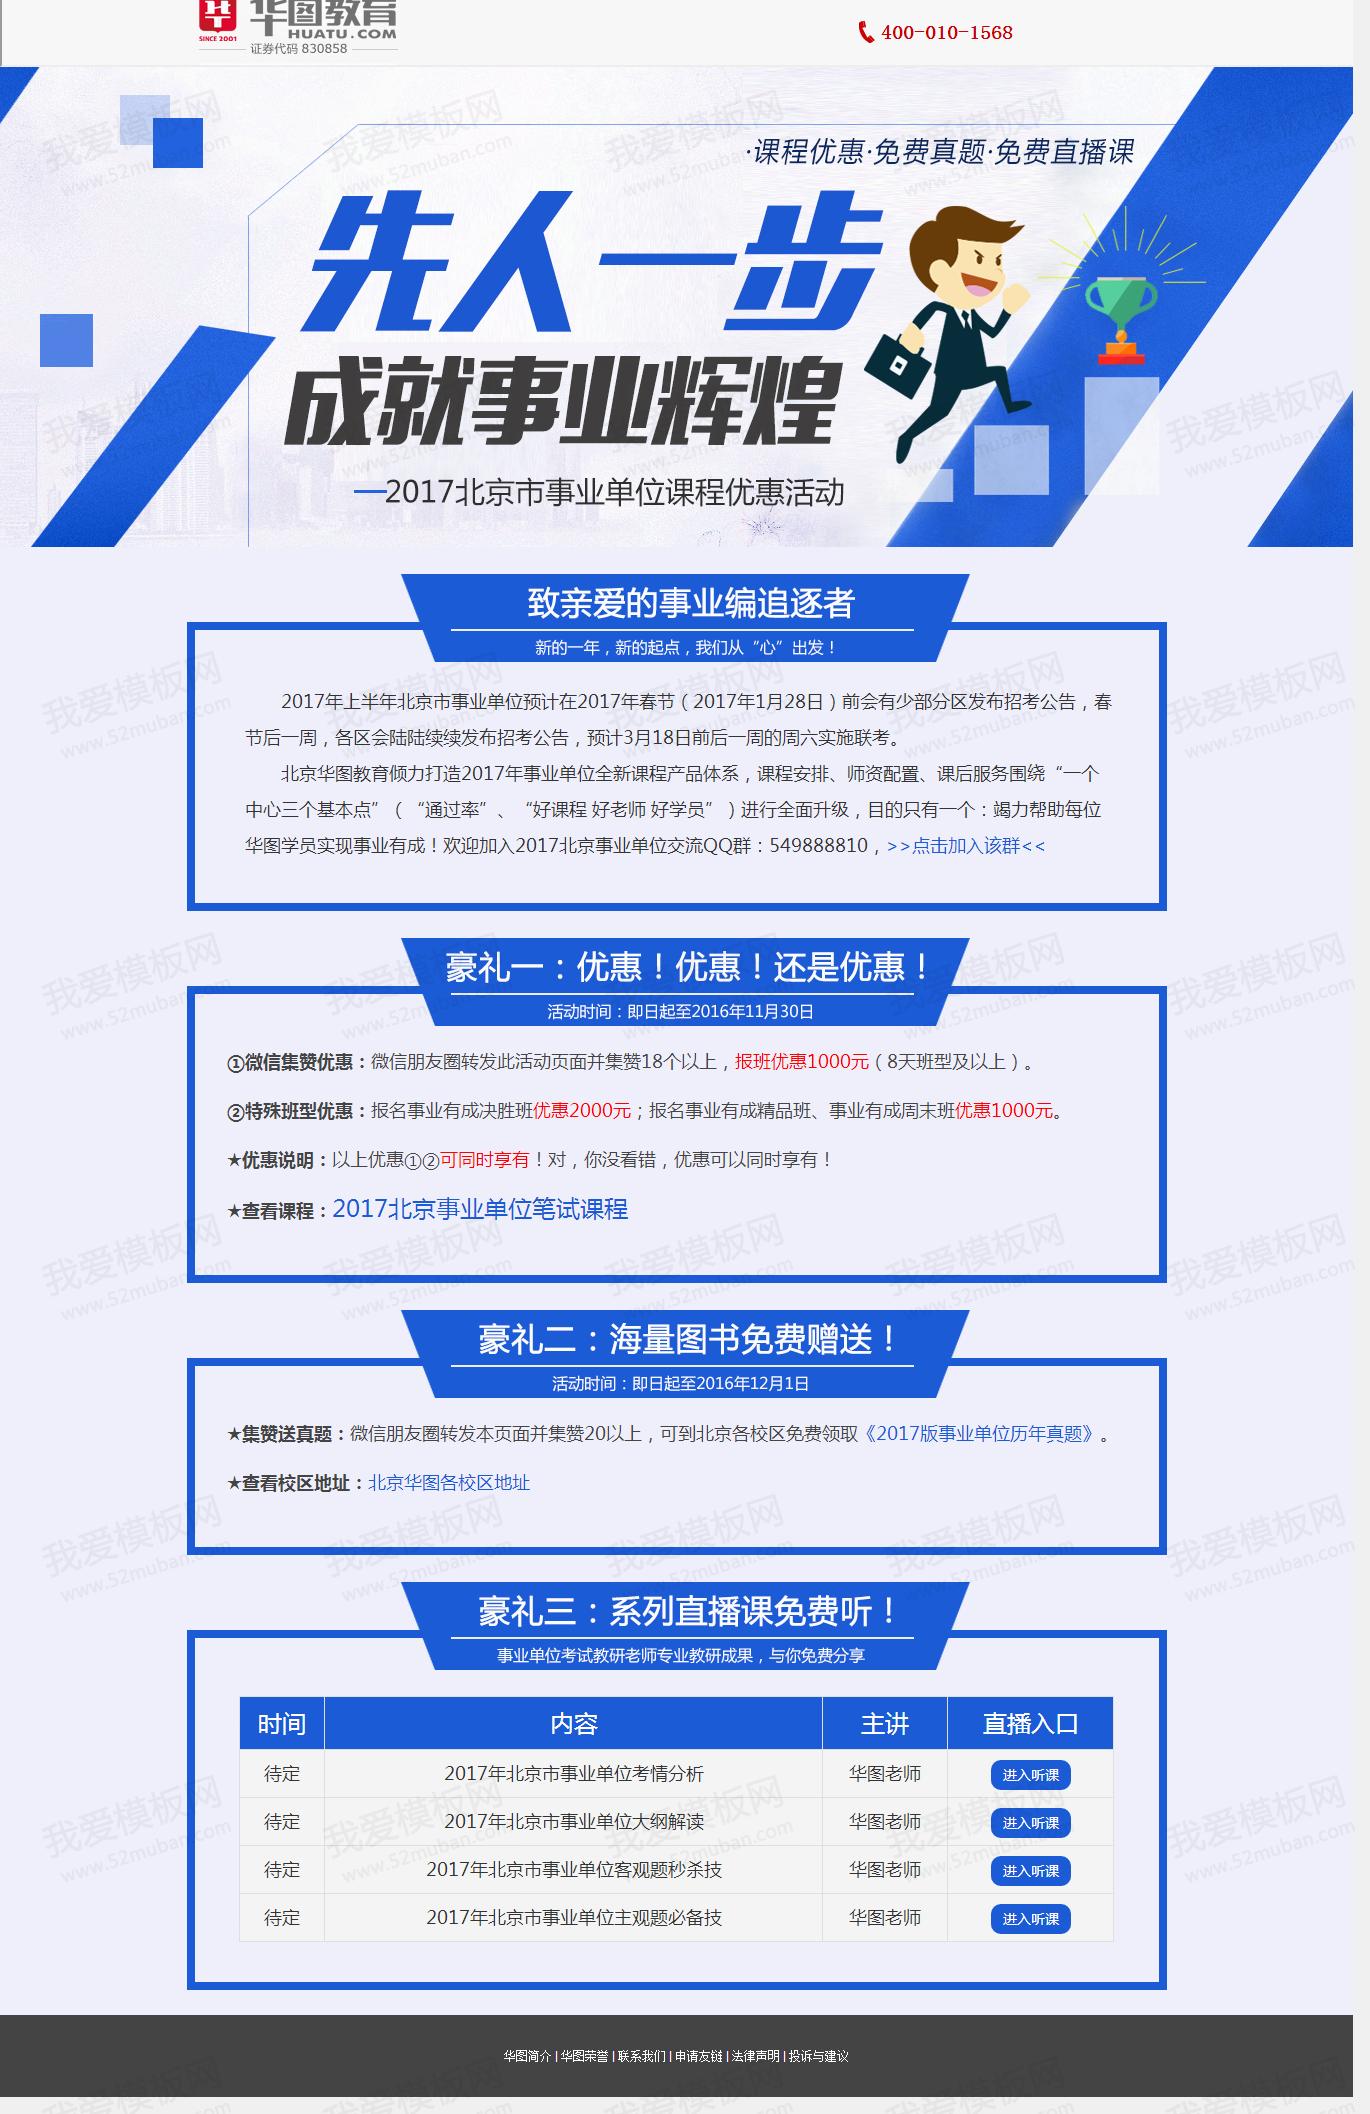 蓝色的课程优惠活动页面模板html下载